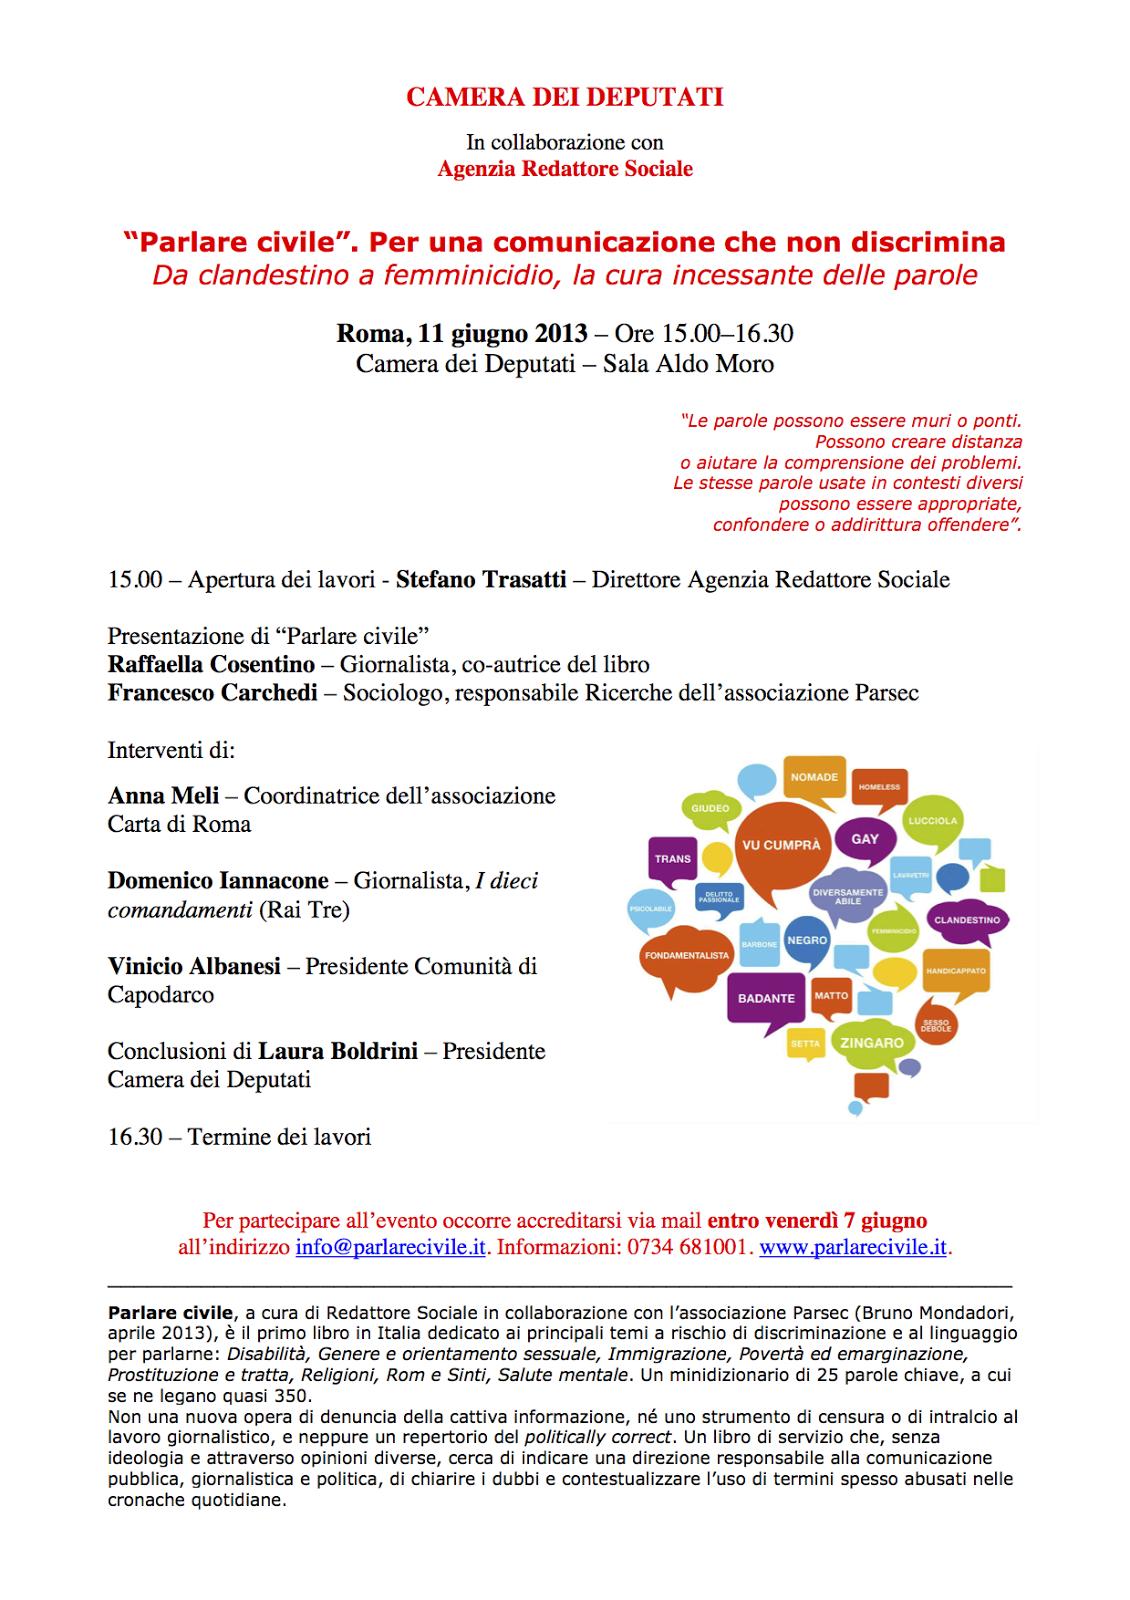 Parlare civile con laura boldrini 11 giugno 2013 camera for Presidente camera dei deputati 2013